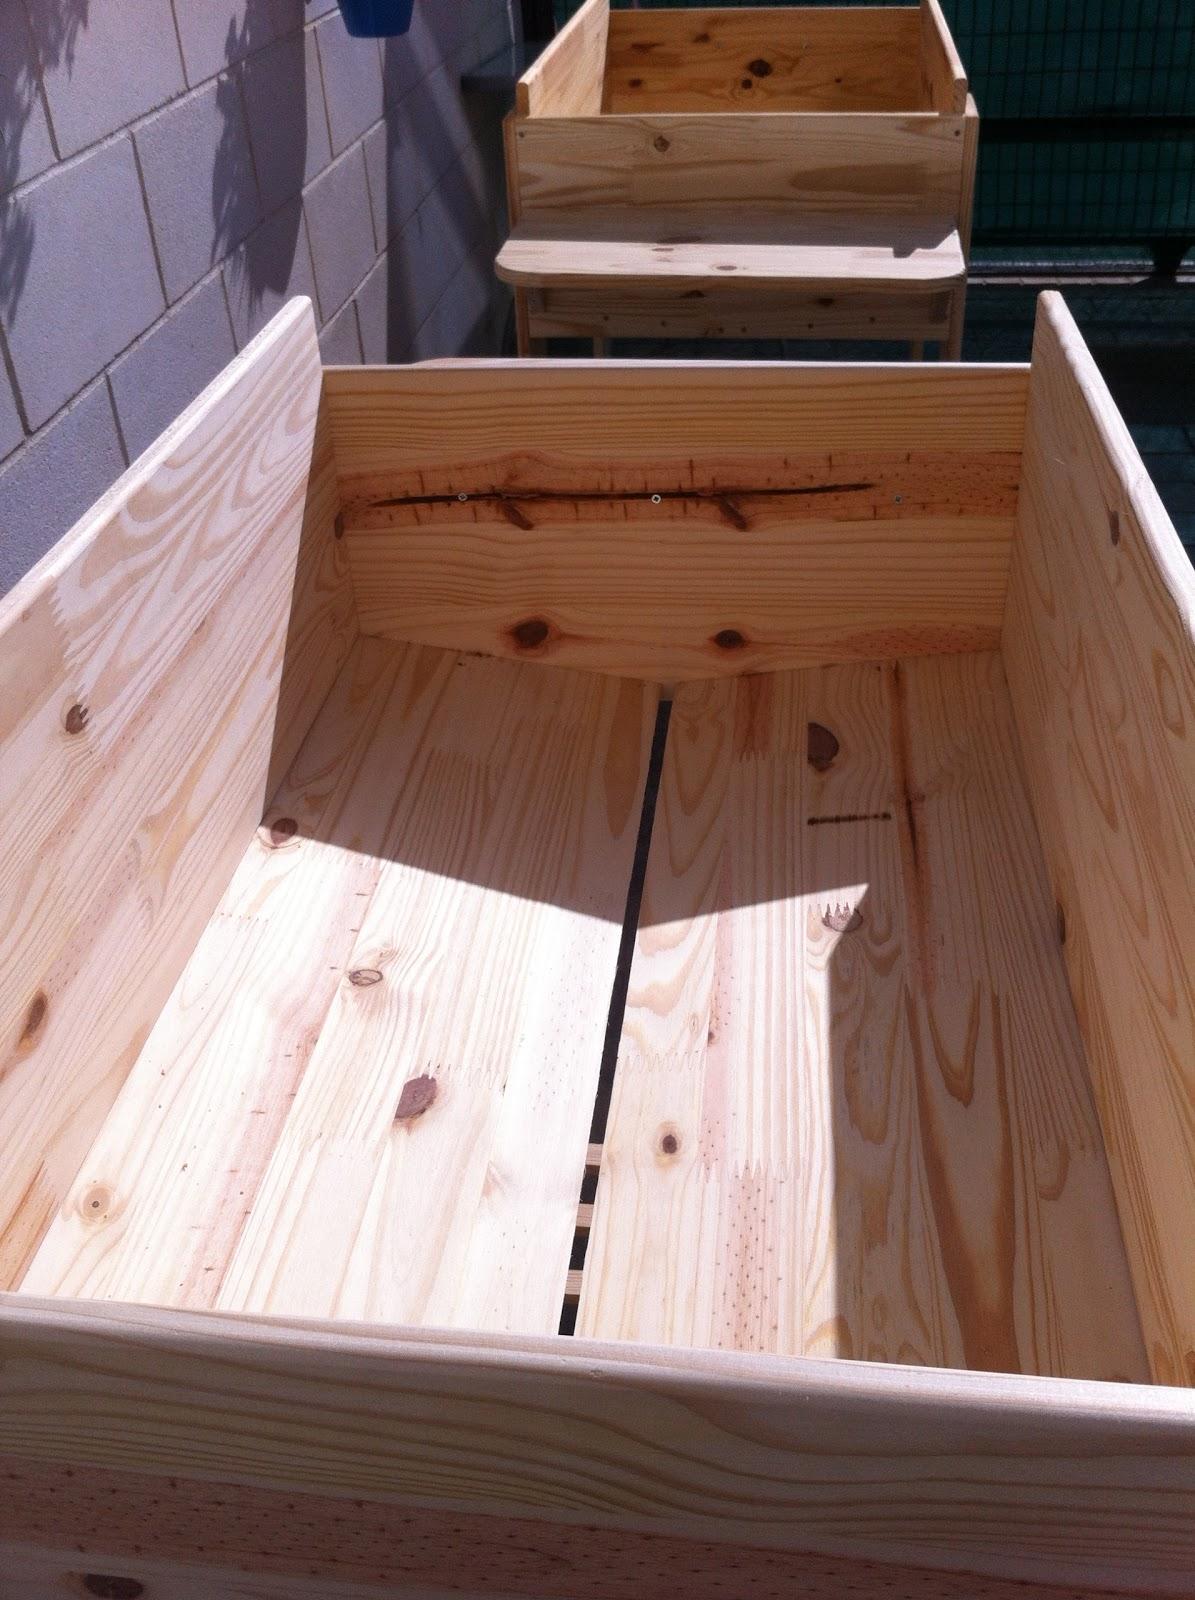 Mis inventos huerto urbano mesas de cultivo for Cultivo pimiento huerto urbano